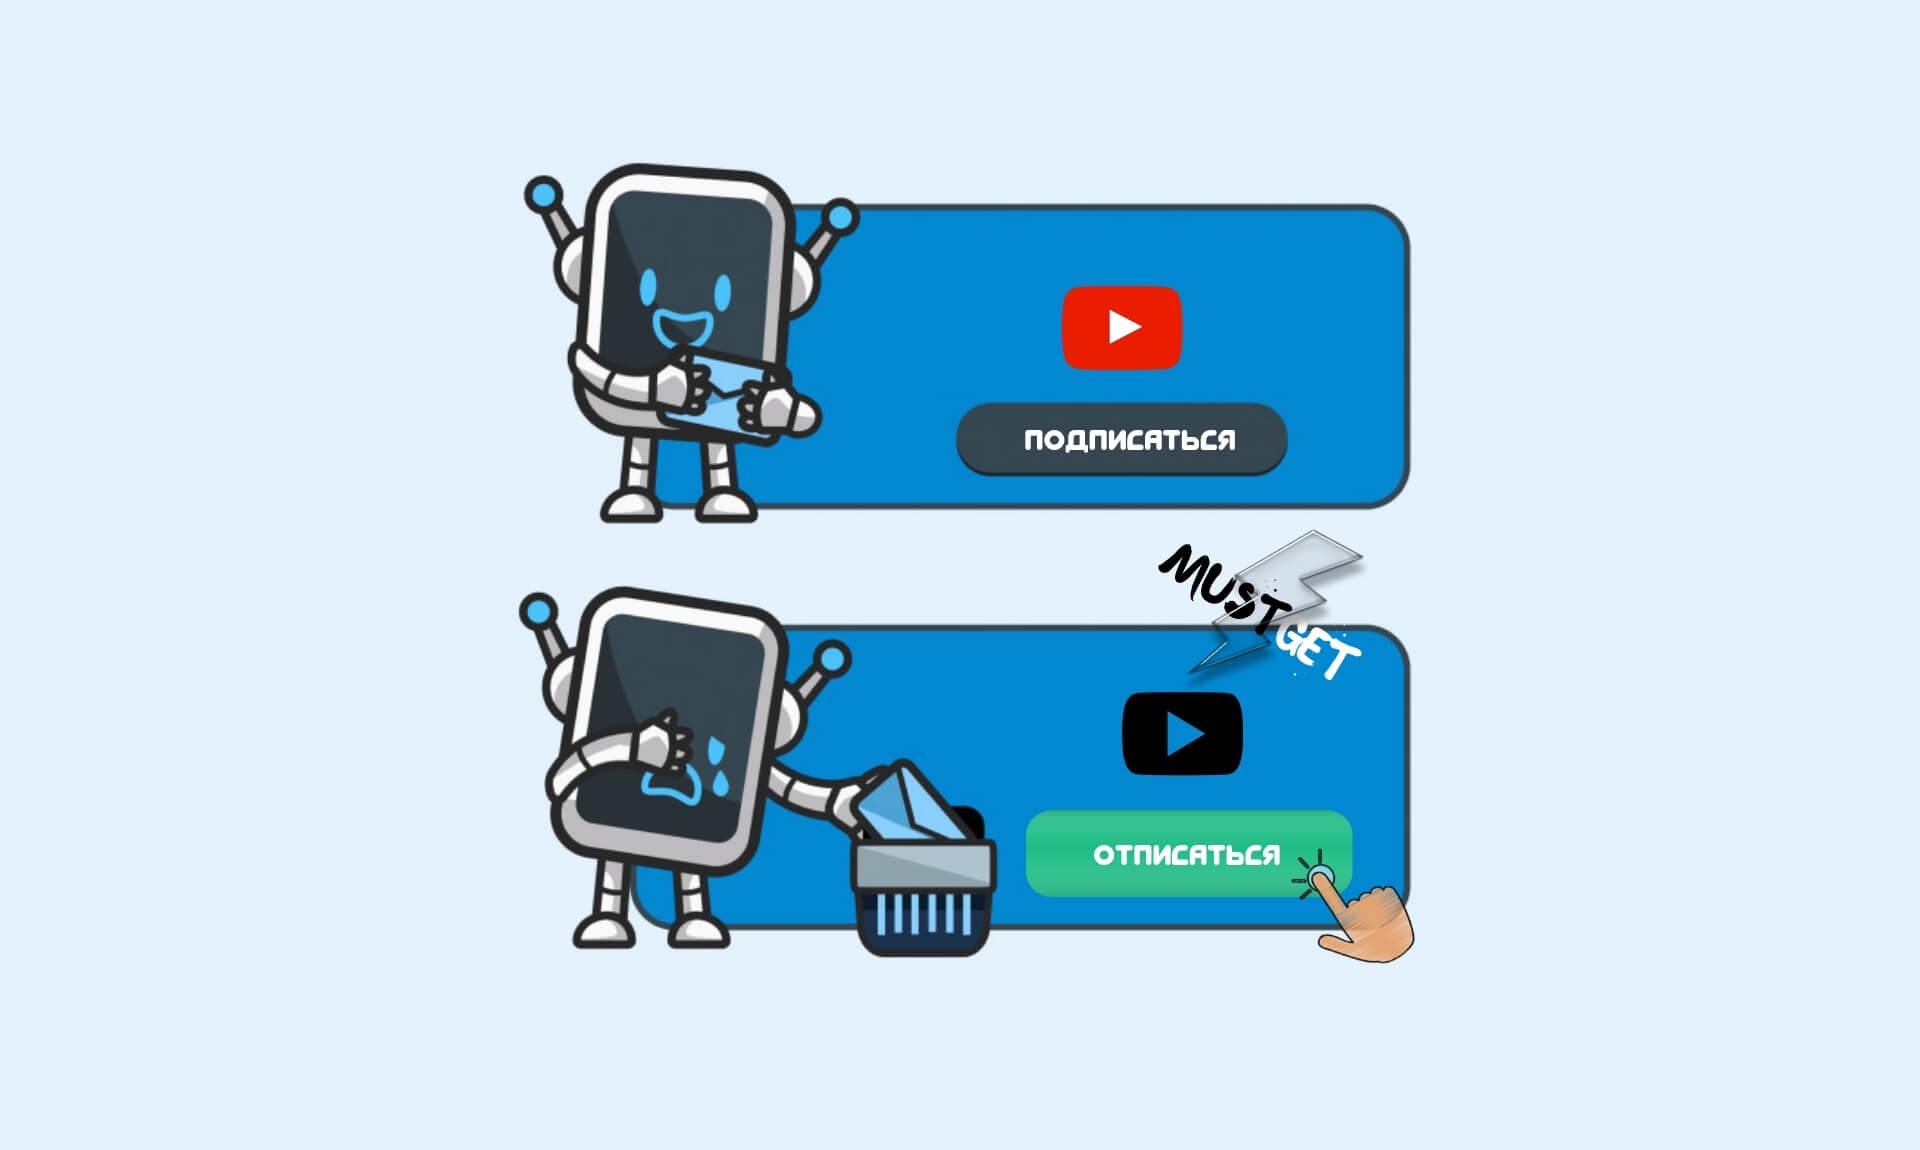 Как быстро отписаться от каналов на Youtube с ПК и смартфона.